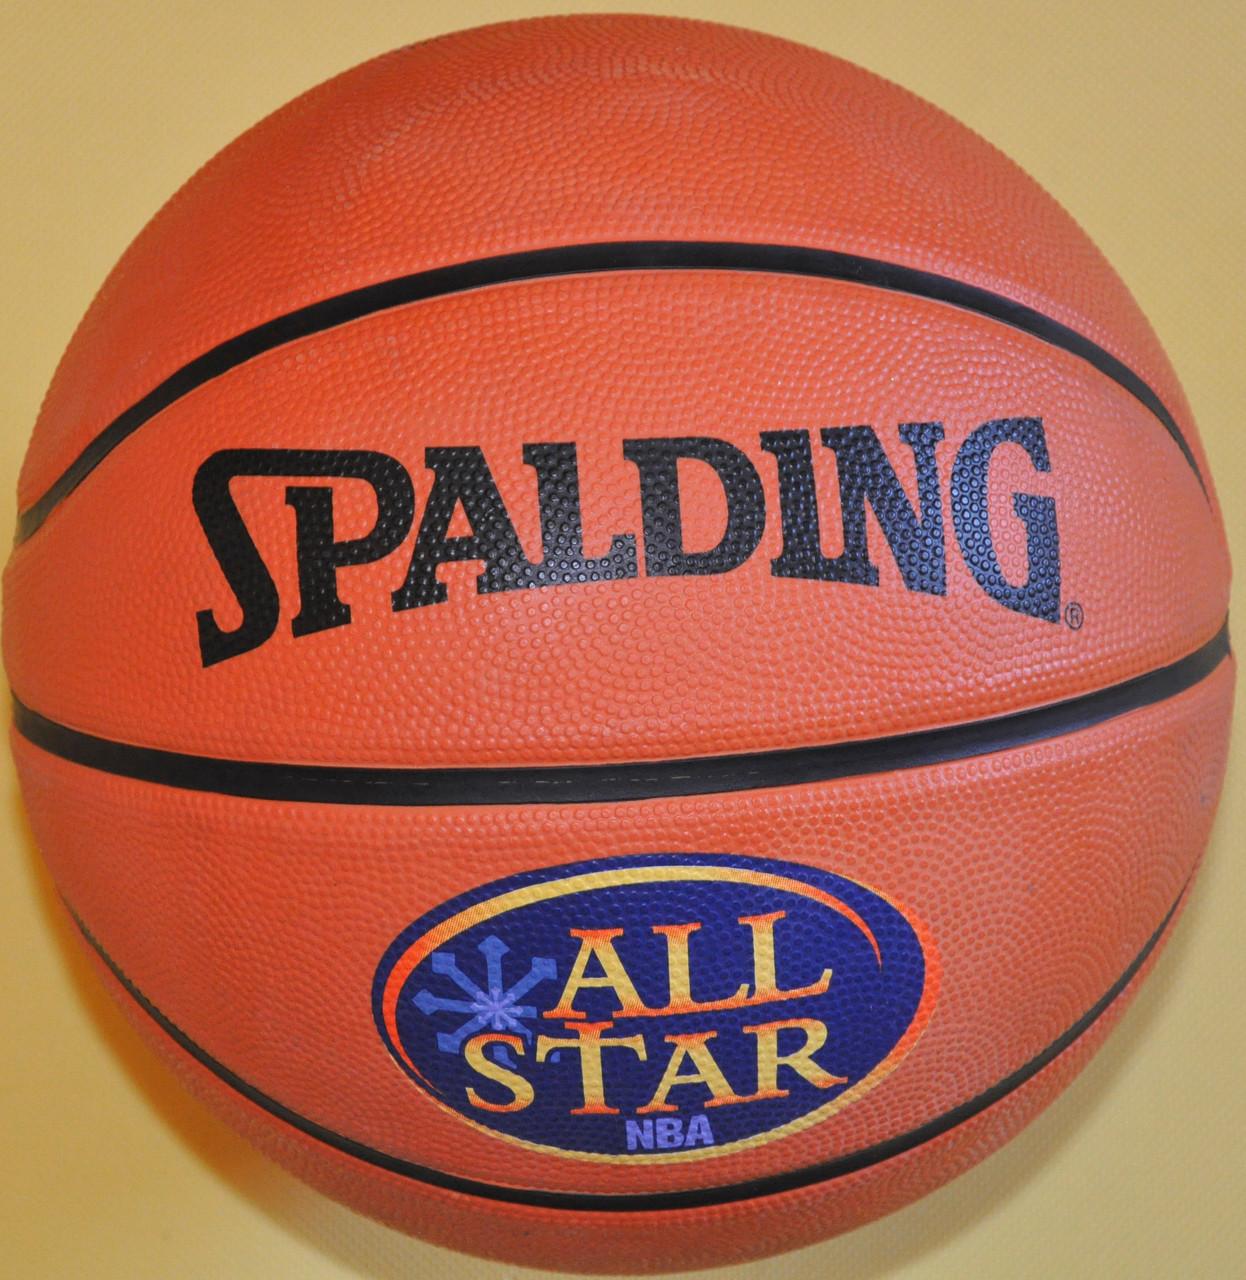 М'яч баскетбольний Spalding 73-294 NBA ALL-STAR